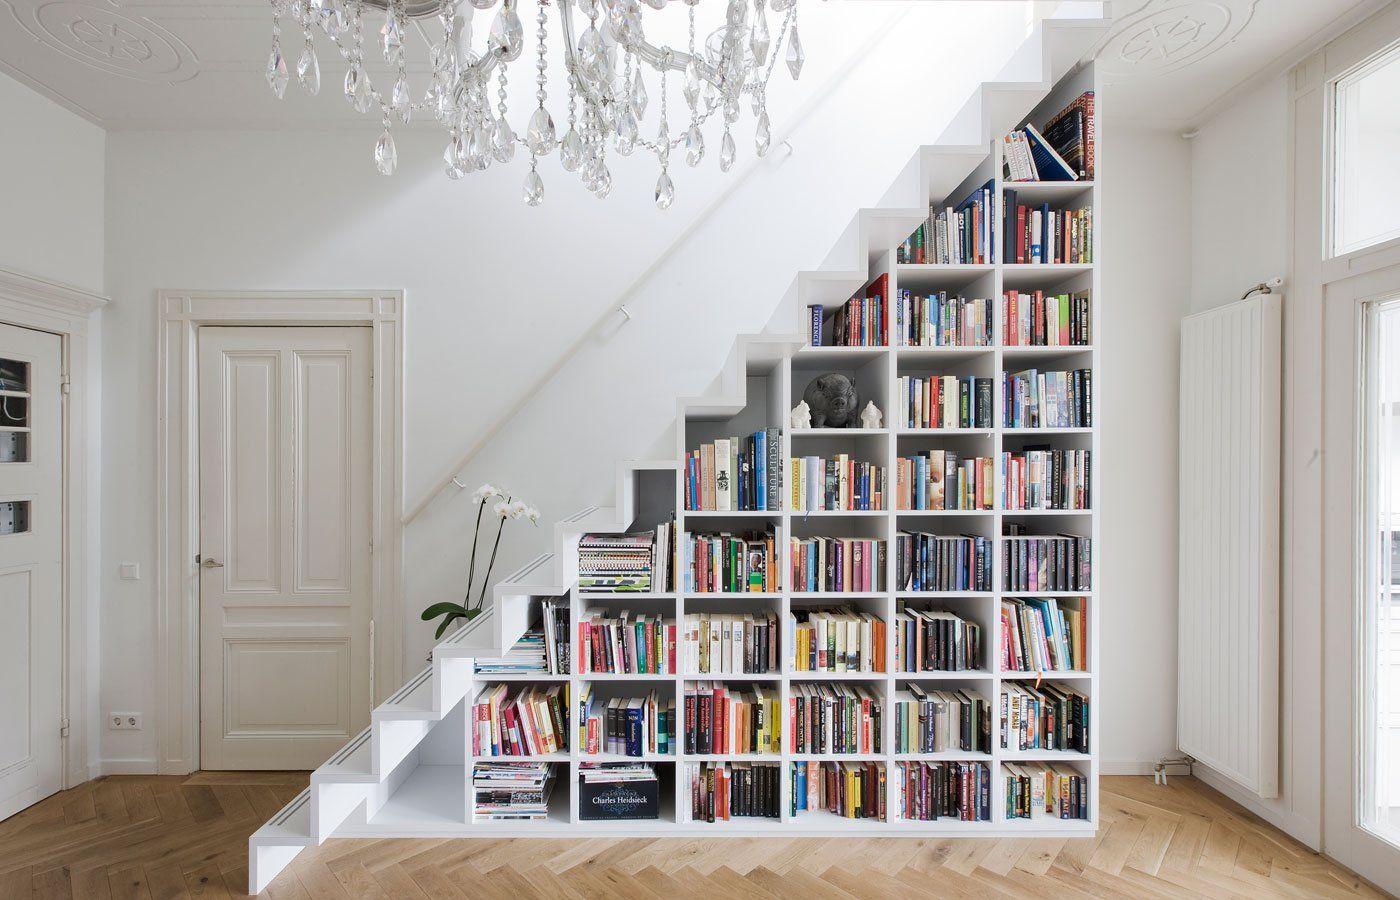 espacio bajo escaleras como librero